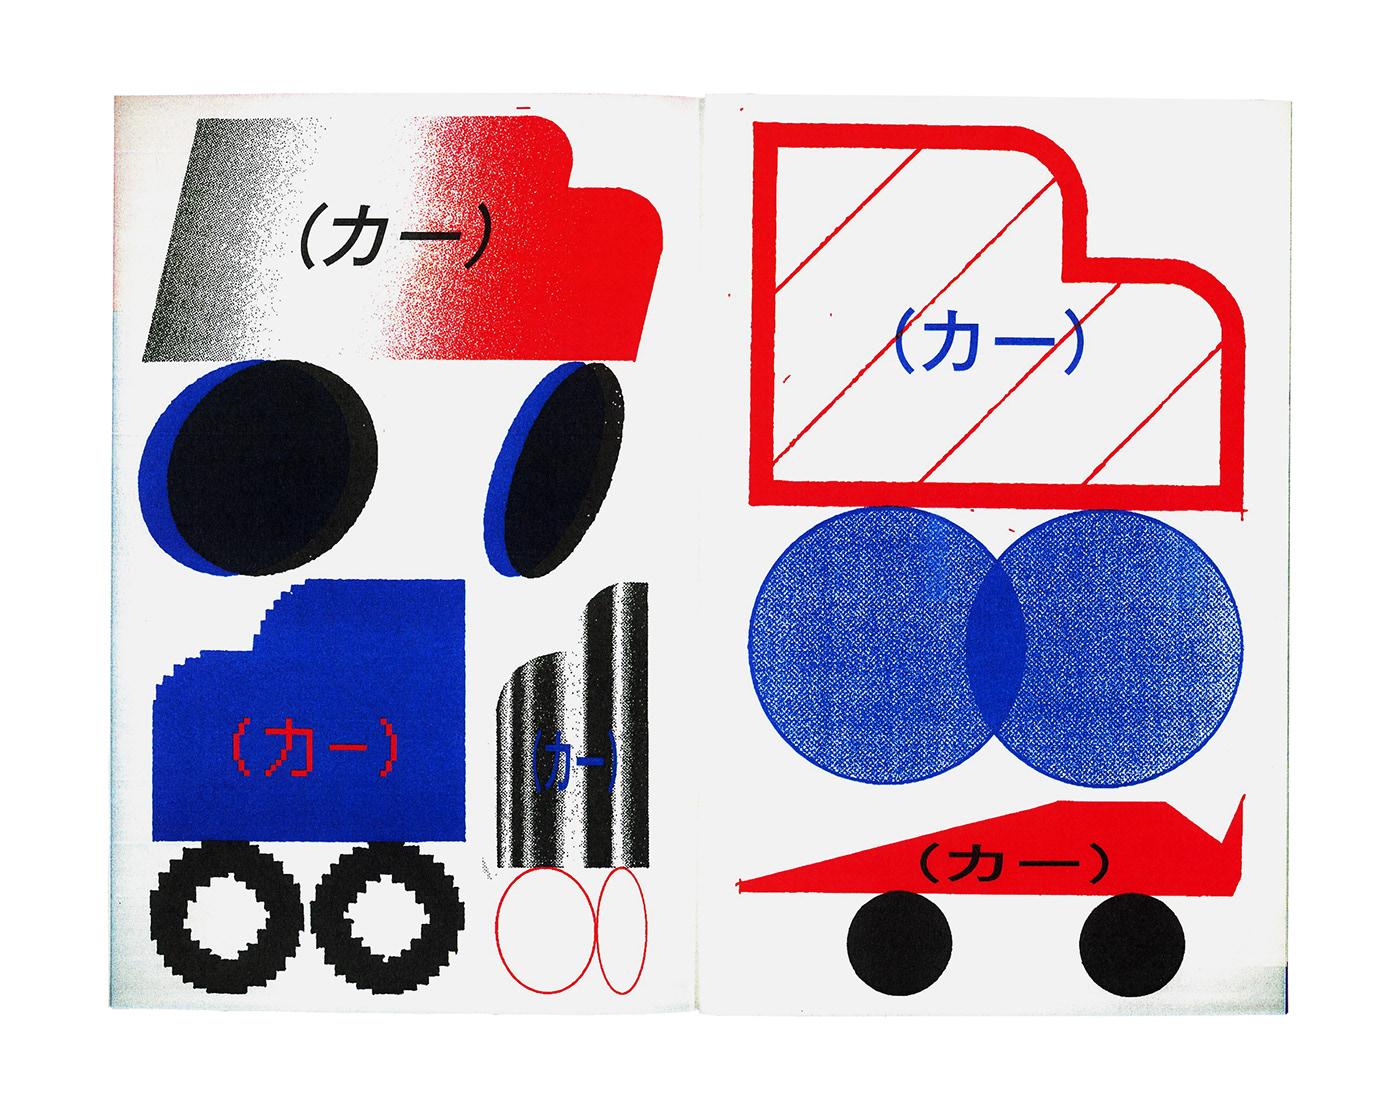 Thumbnail for Shun Sasaki's SUPER DUPER PAPER DRIVER Explores The Art Of Risograph Printing